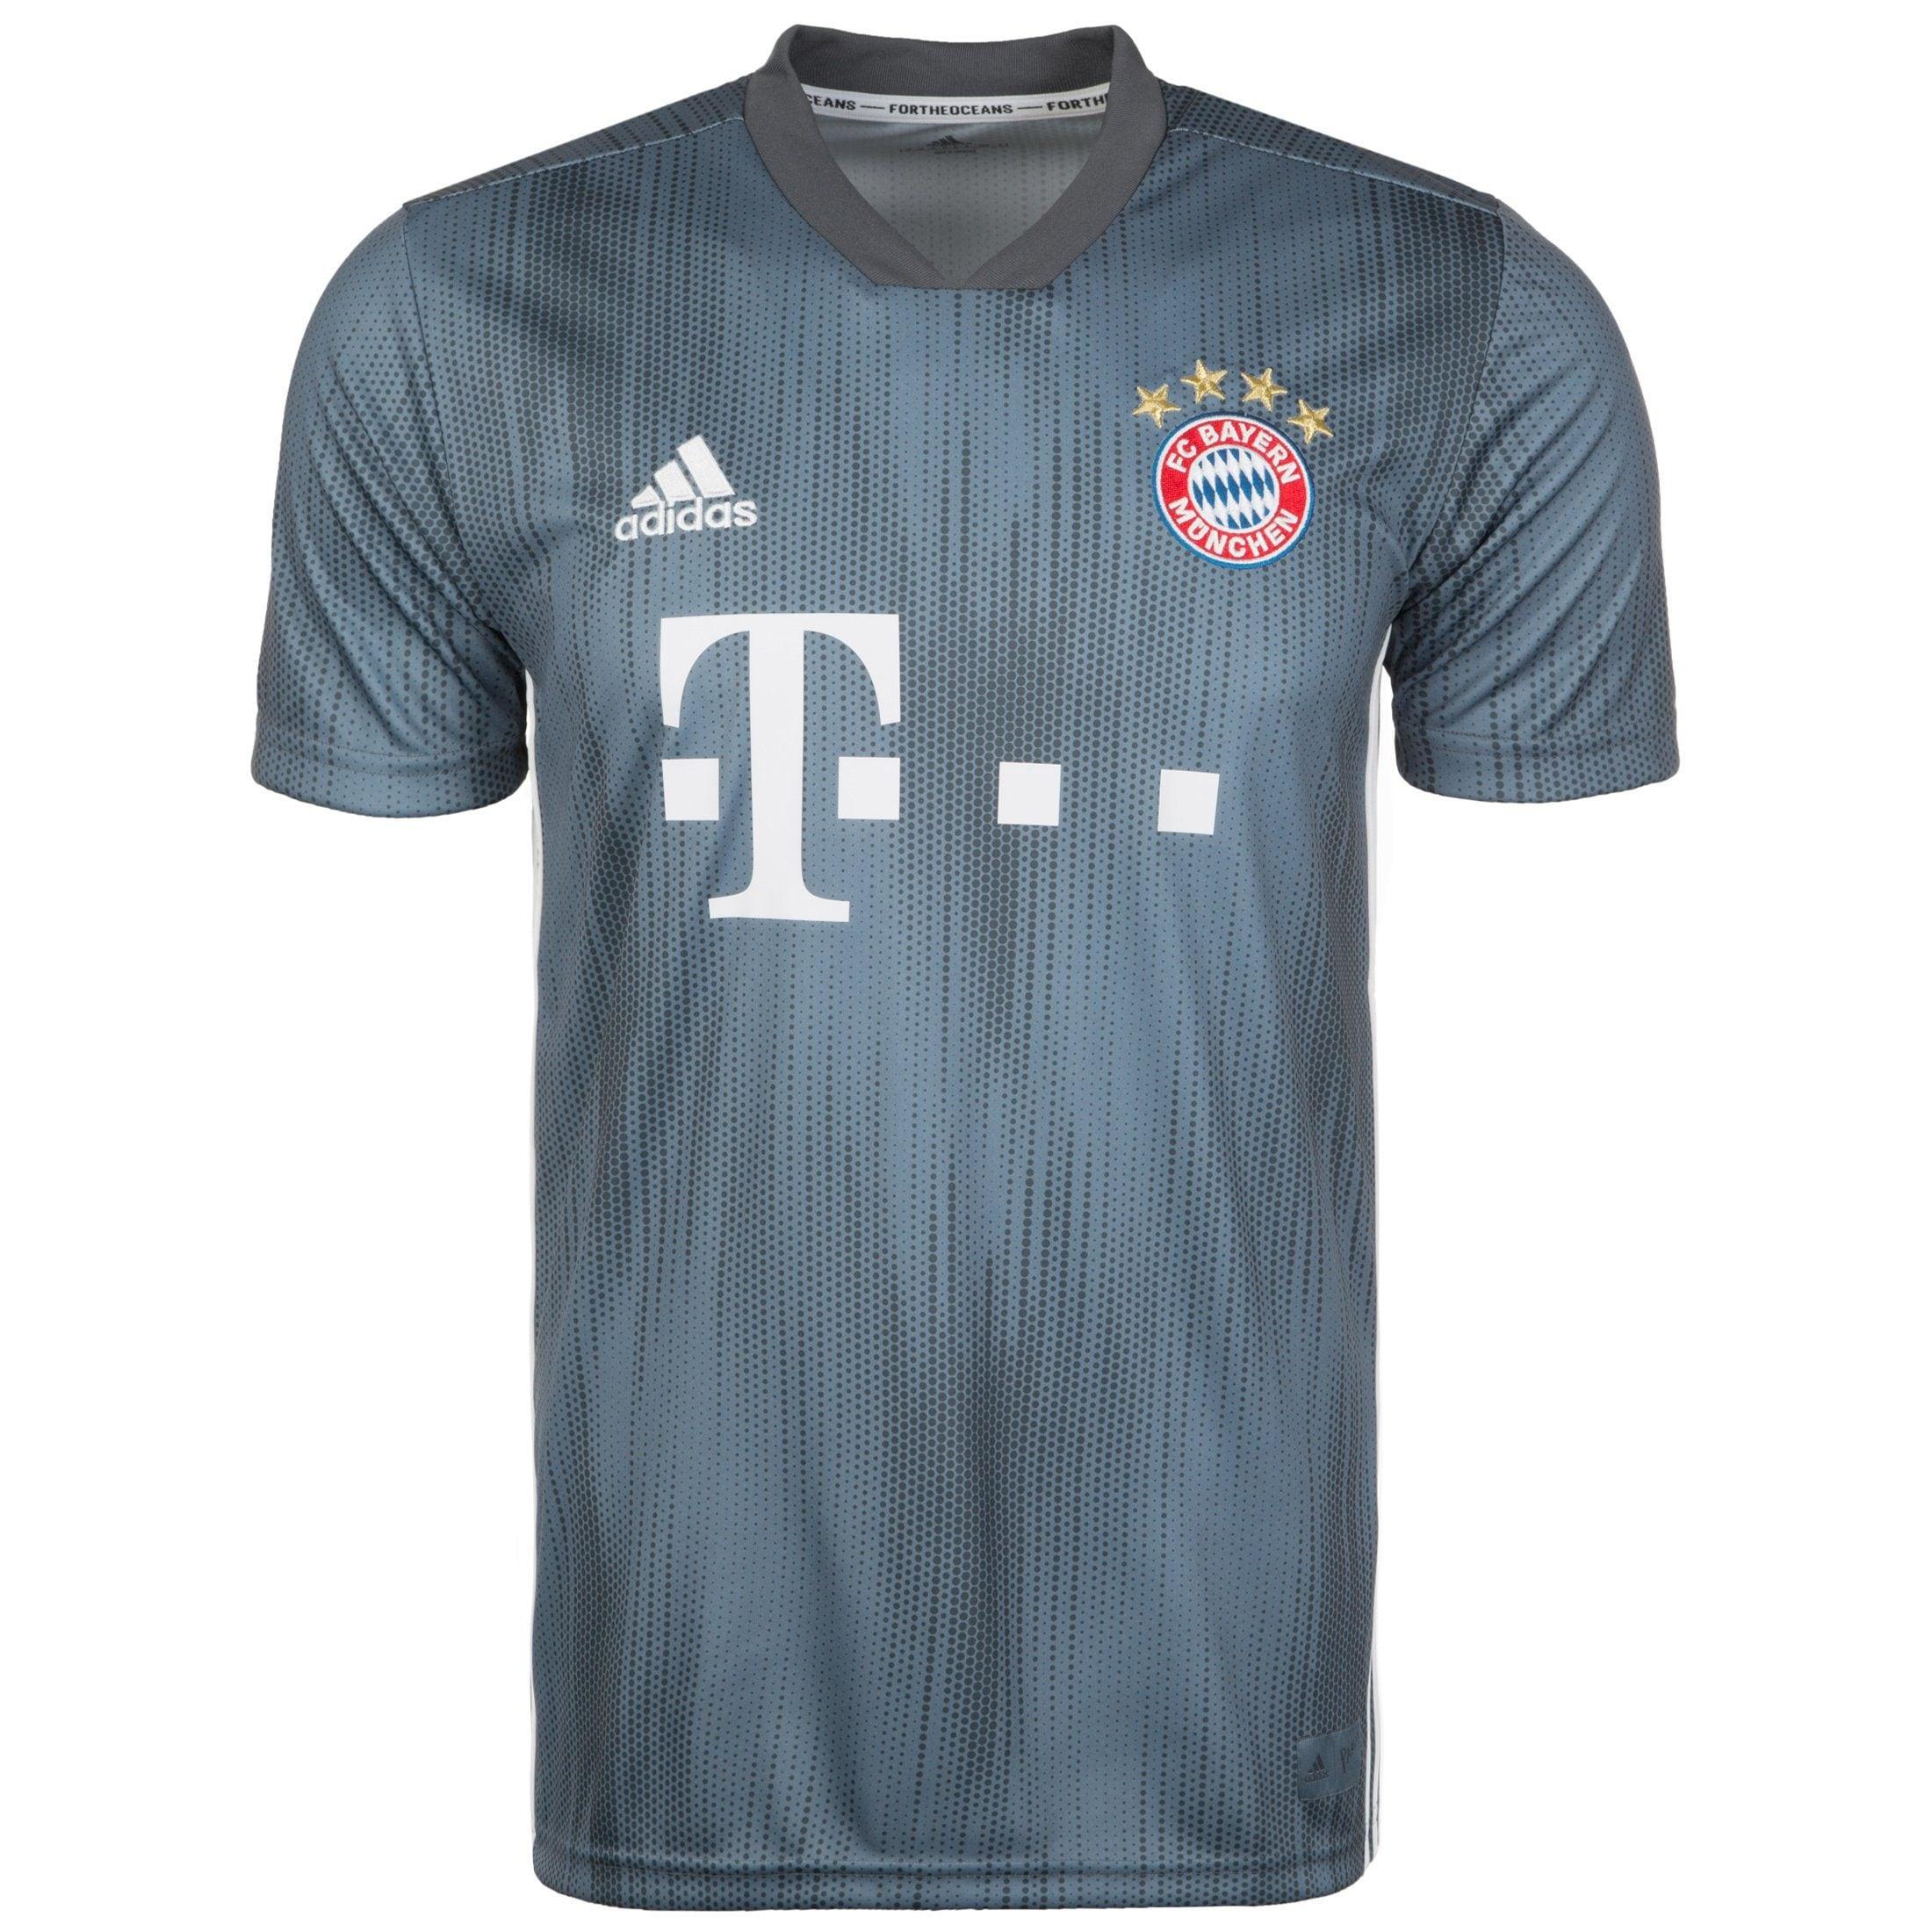 adidas Performance Trikot »Fc Bayern München 1819 3rd« auf Raten | BAUR